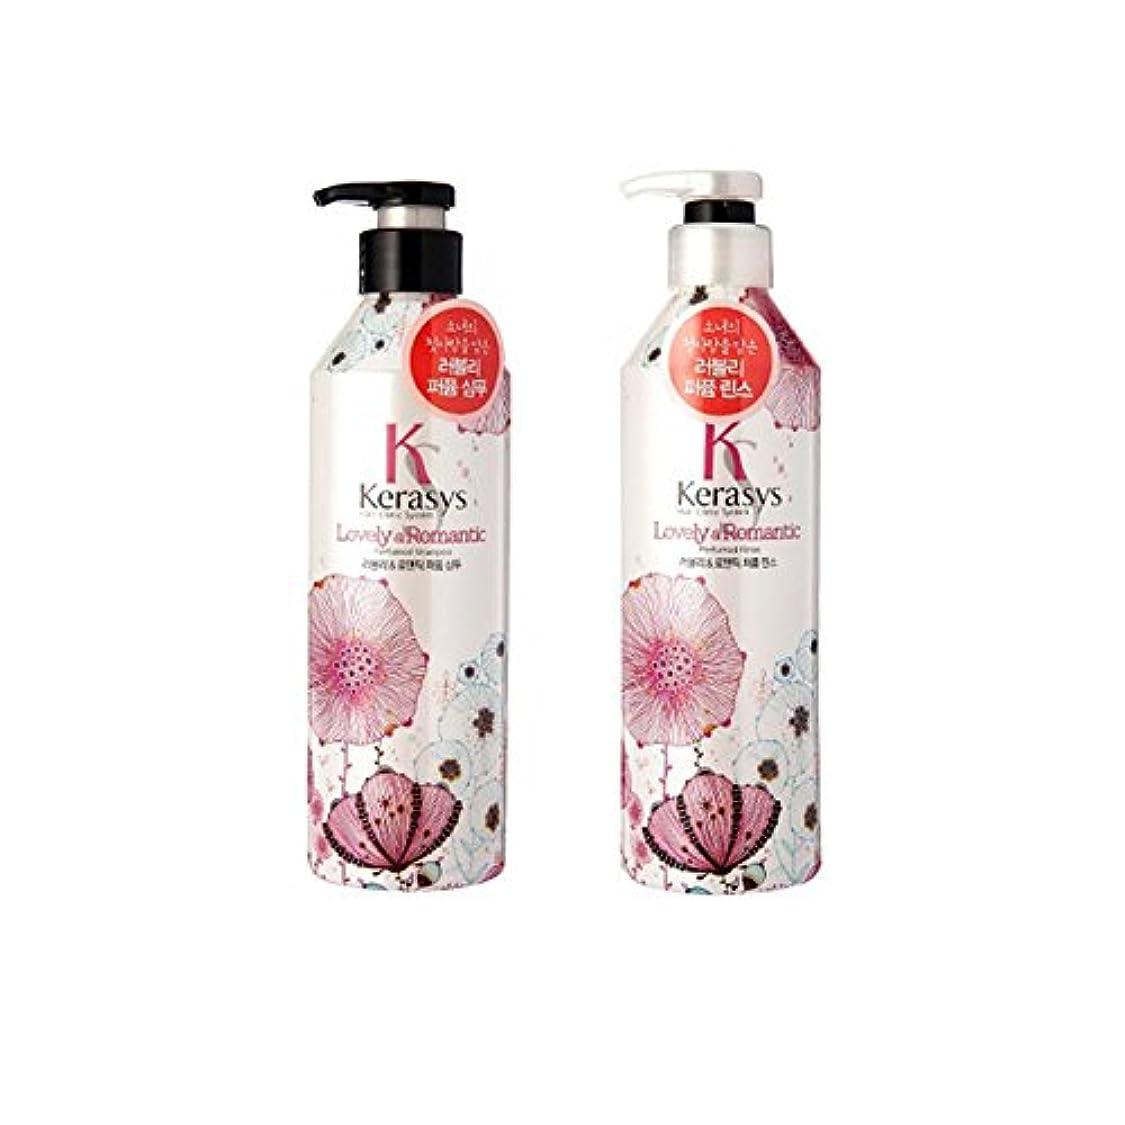 計り知れないマーキングフェードKerasys Shampoo and Conditioner シャンプー そして リンス(コンディショナー) それぞれ 600ml  (海外直送品) (Lovely Romantic)